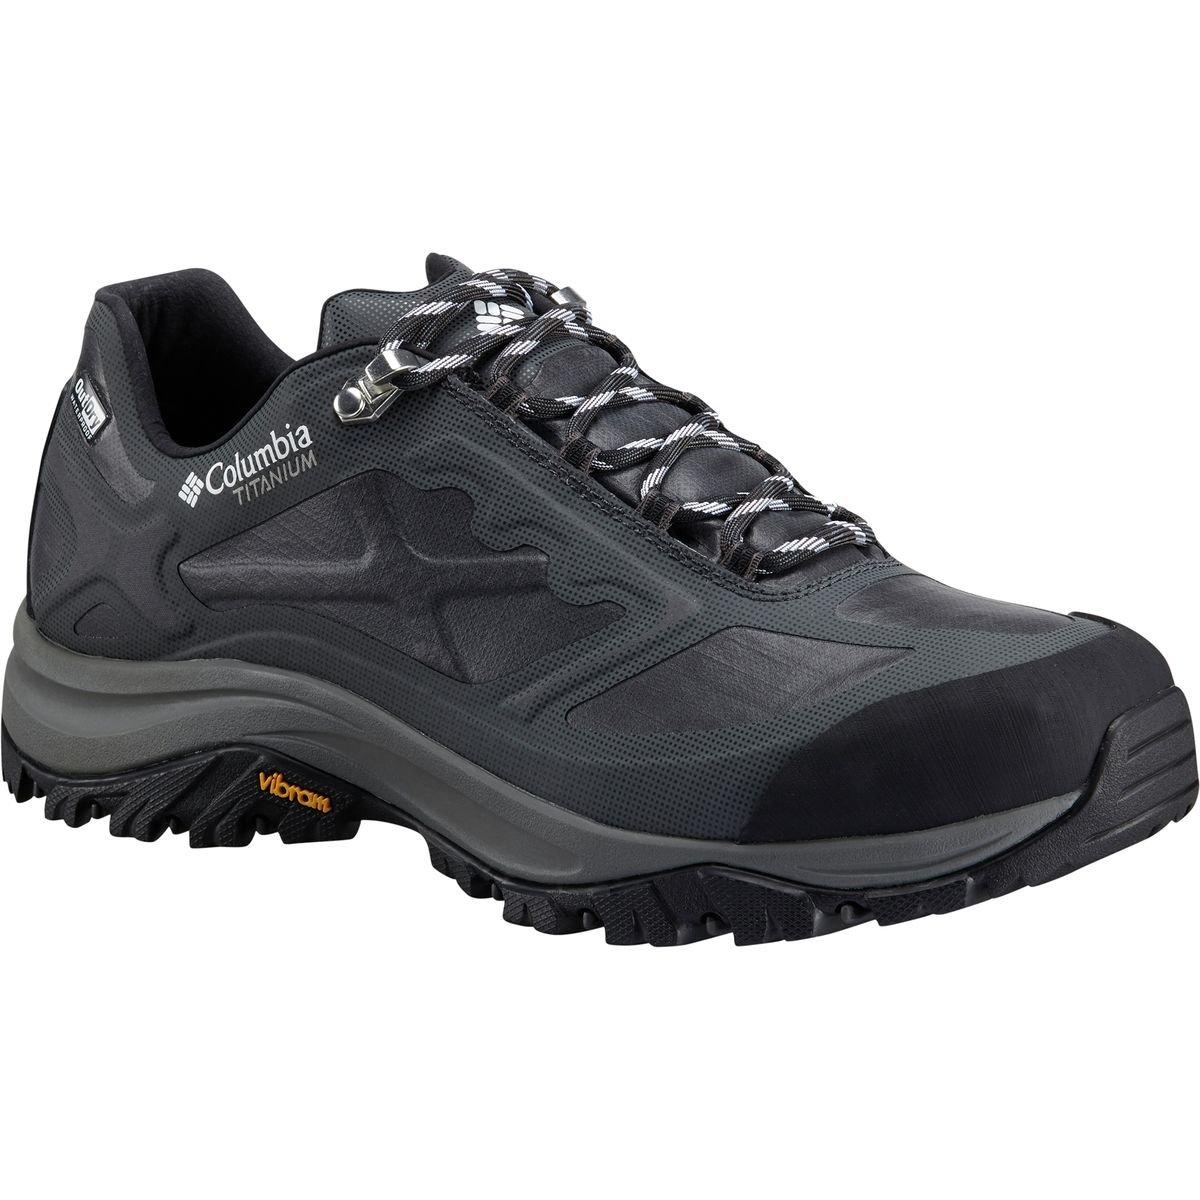 Columbia Terrebonne Outdry Extreme, Scarpe da Camminata ed Escursionismo Escursionismo Escursionismo Uomo nero bianca 68c372